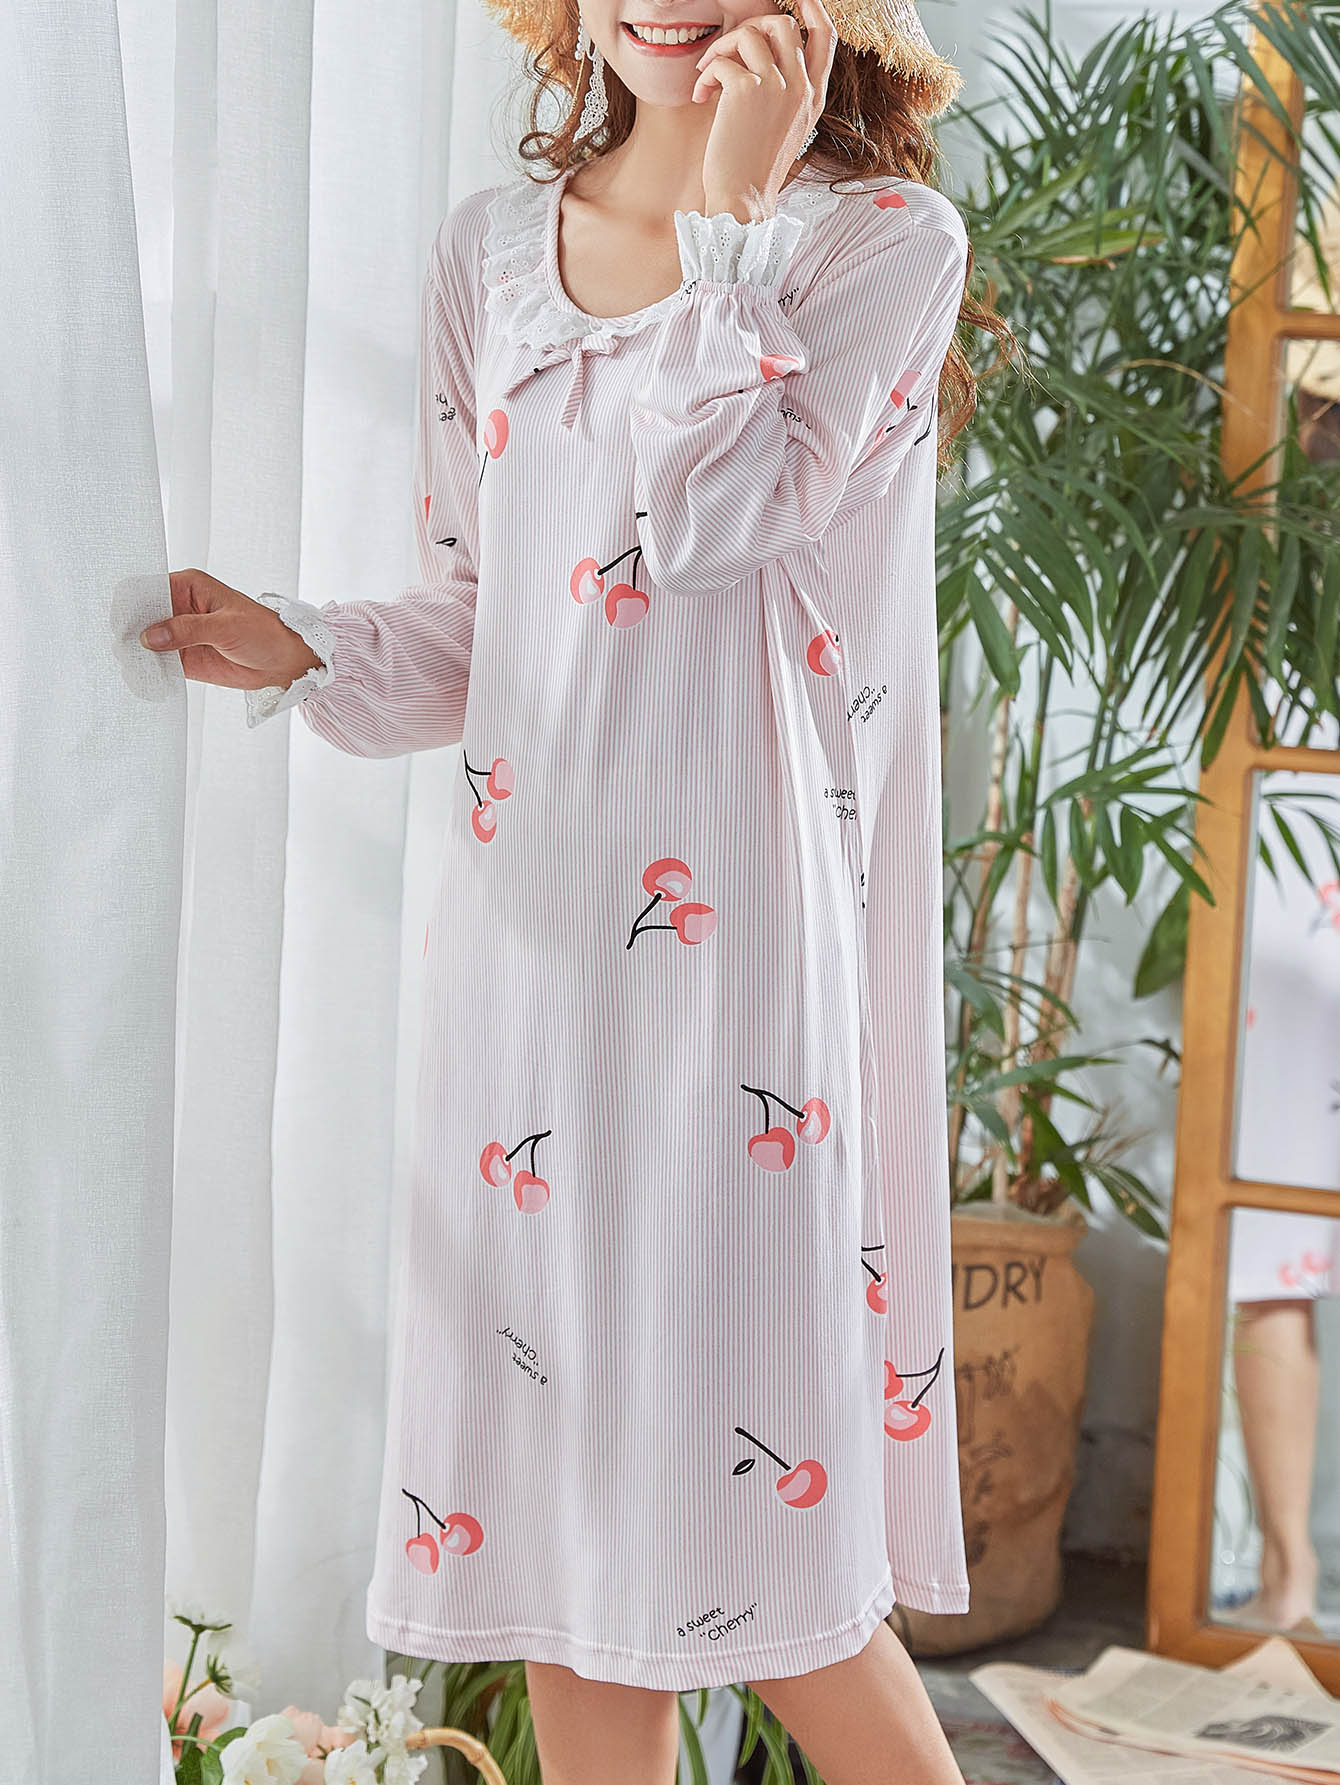 Abendkleid mit Kirsche Muster und Streifen